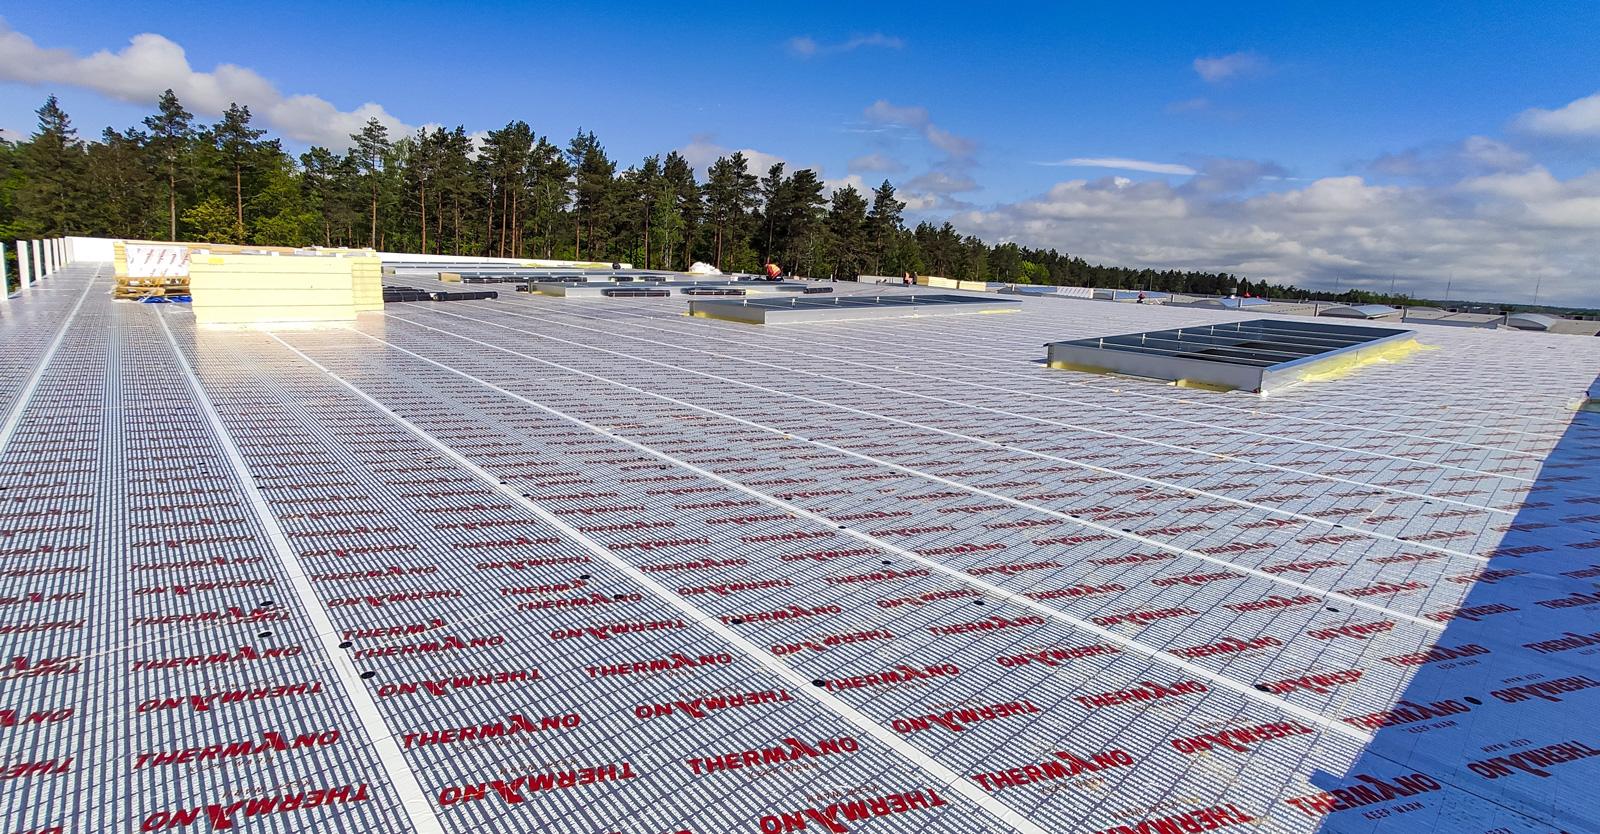 izolacja termiczna dachu hali - realizacja hali produkcyjno-magazynowej, o powierzchni 3.500 m2, dla Viscon Group Poland, Płaszewko, woj. pomorskie